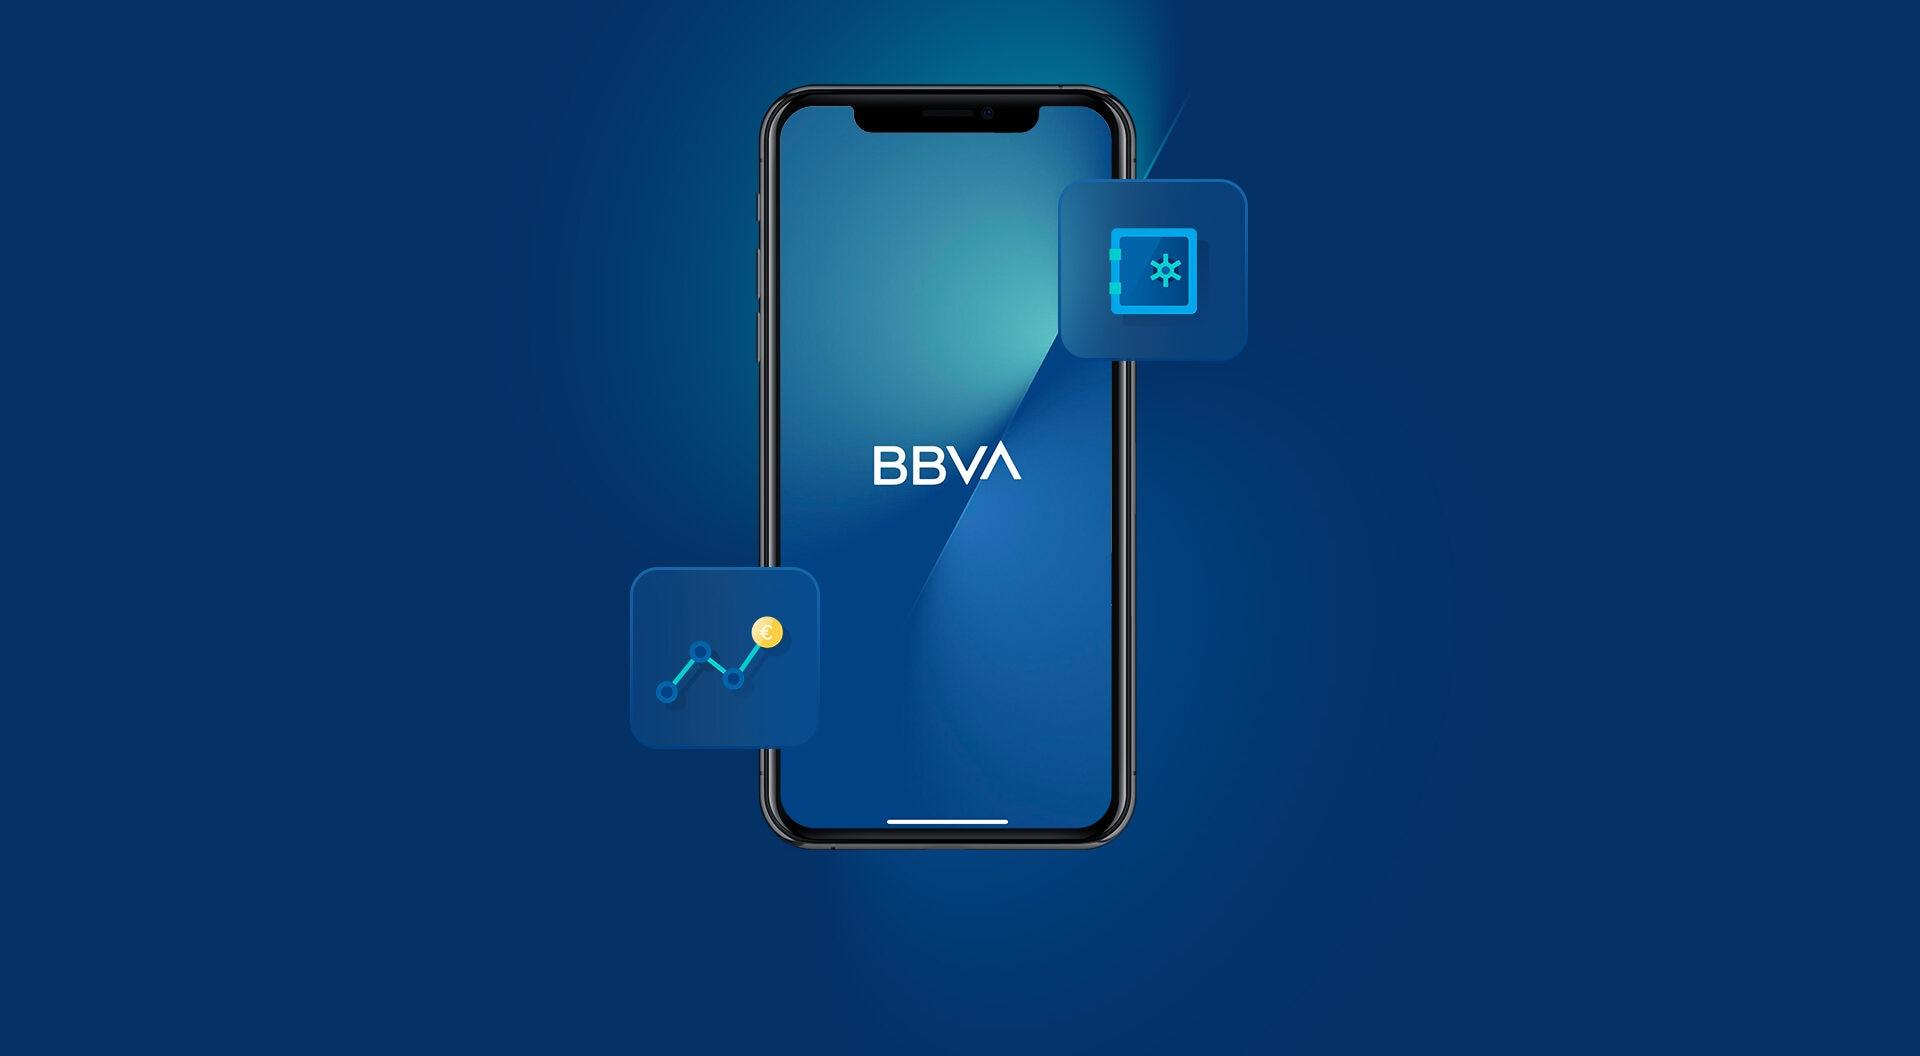 app_bbva_widget_apertura-moviles-aplicaciones-informacion-finanzas-digitales